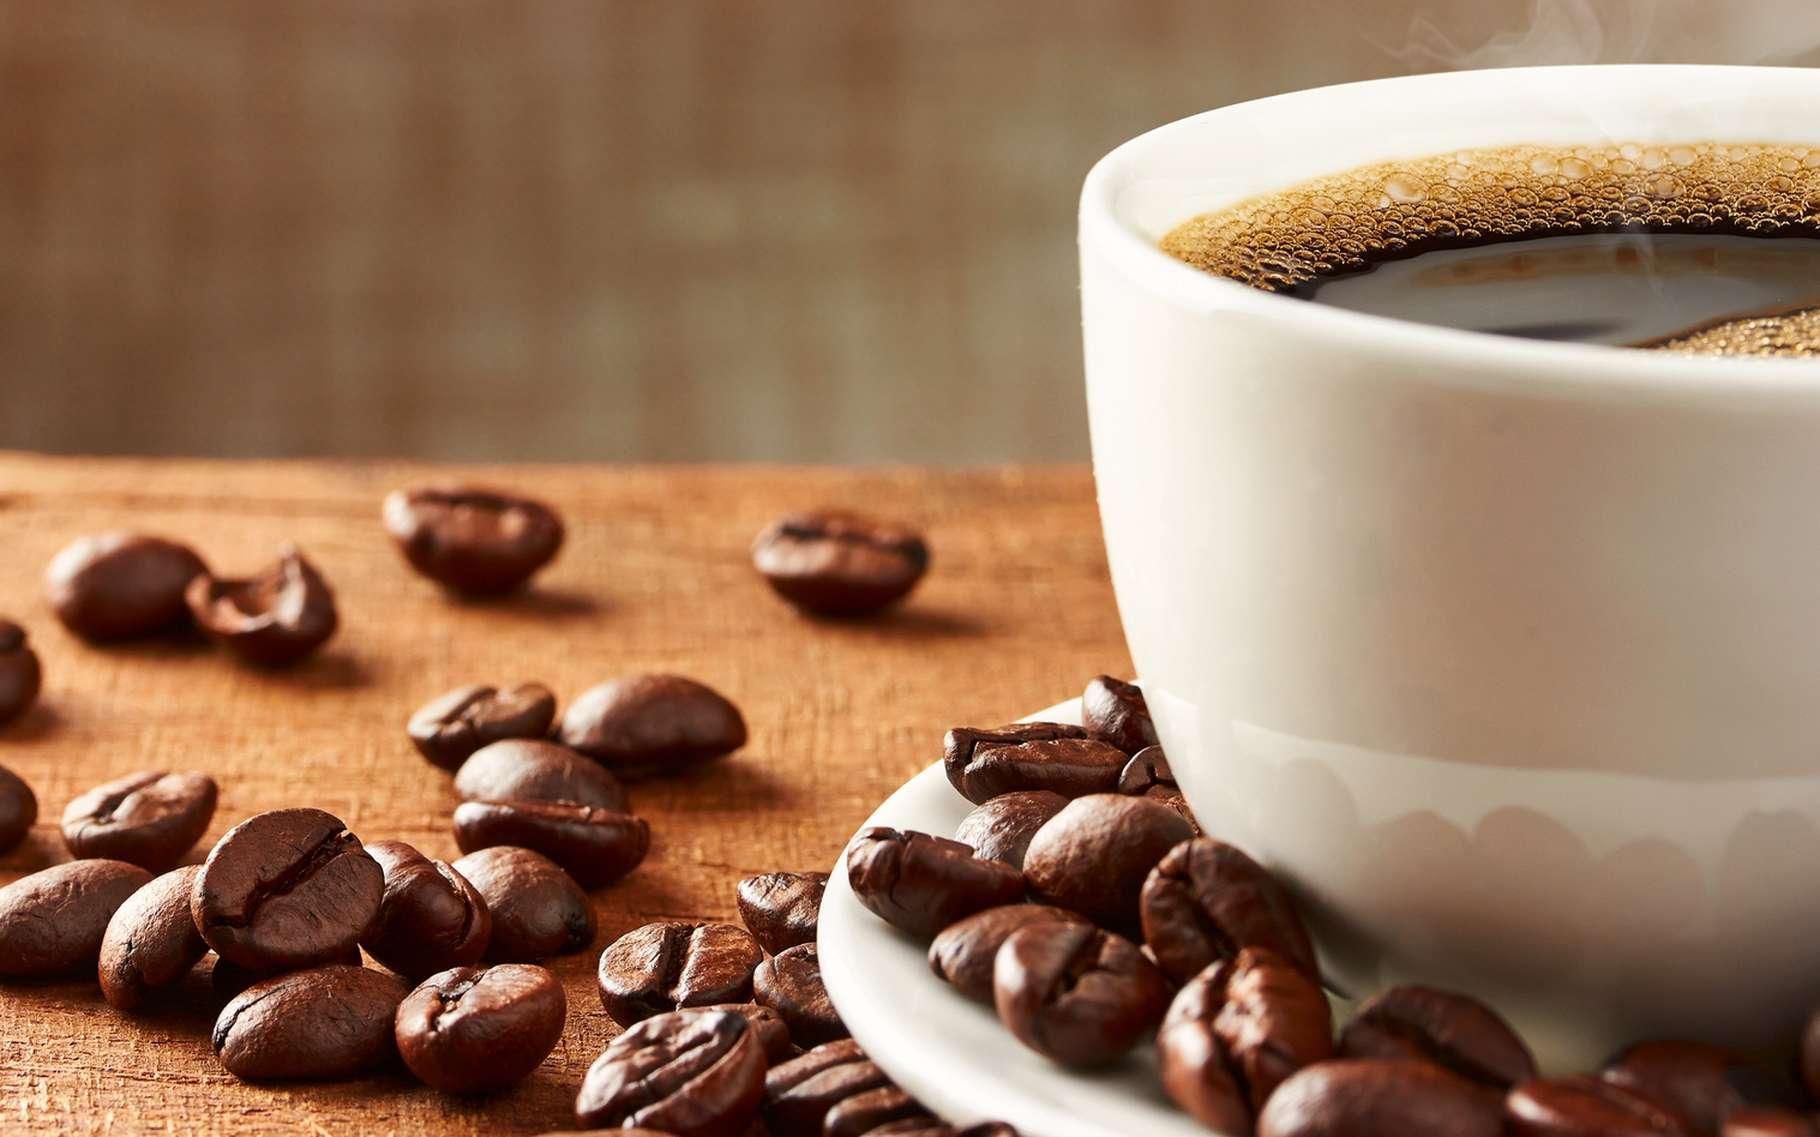 Il existe de nombreuses astuces pour valoriser le marc de café. © portumen, Shutterstock